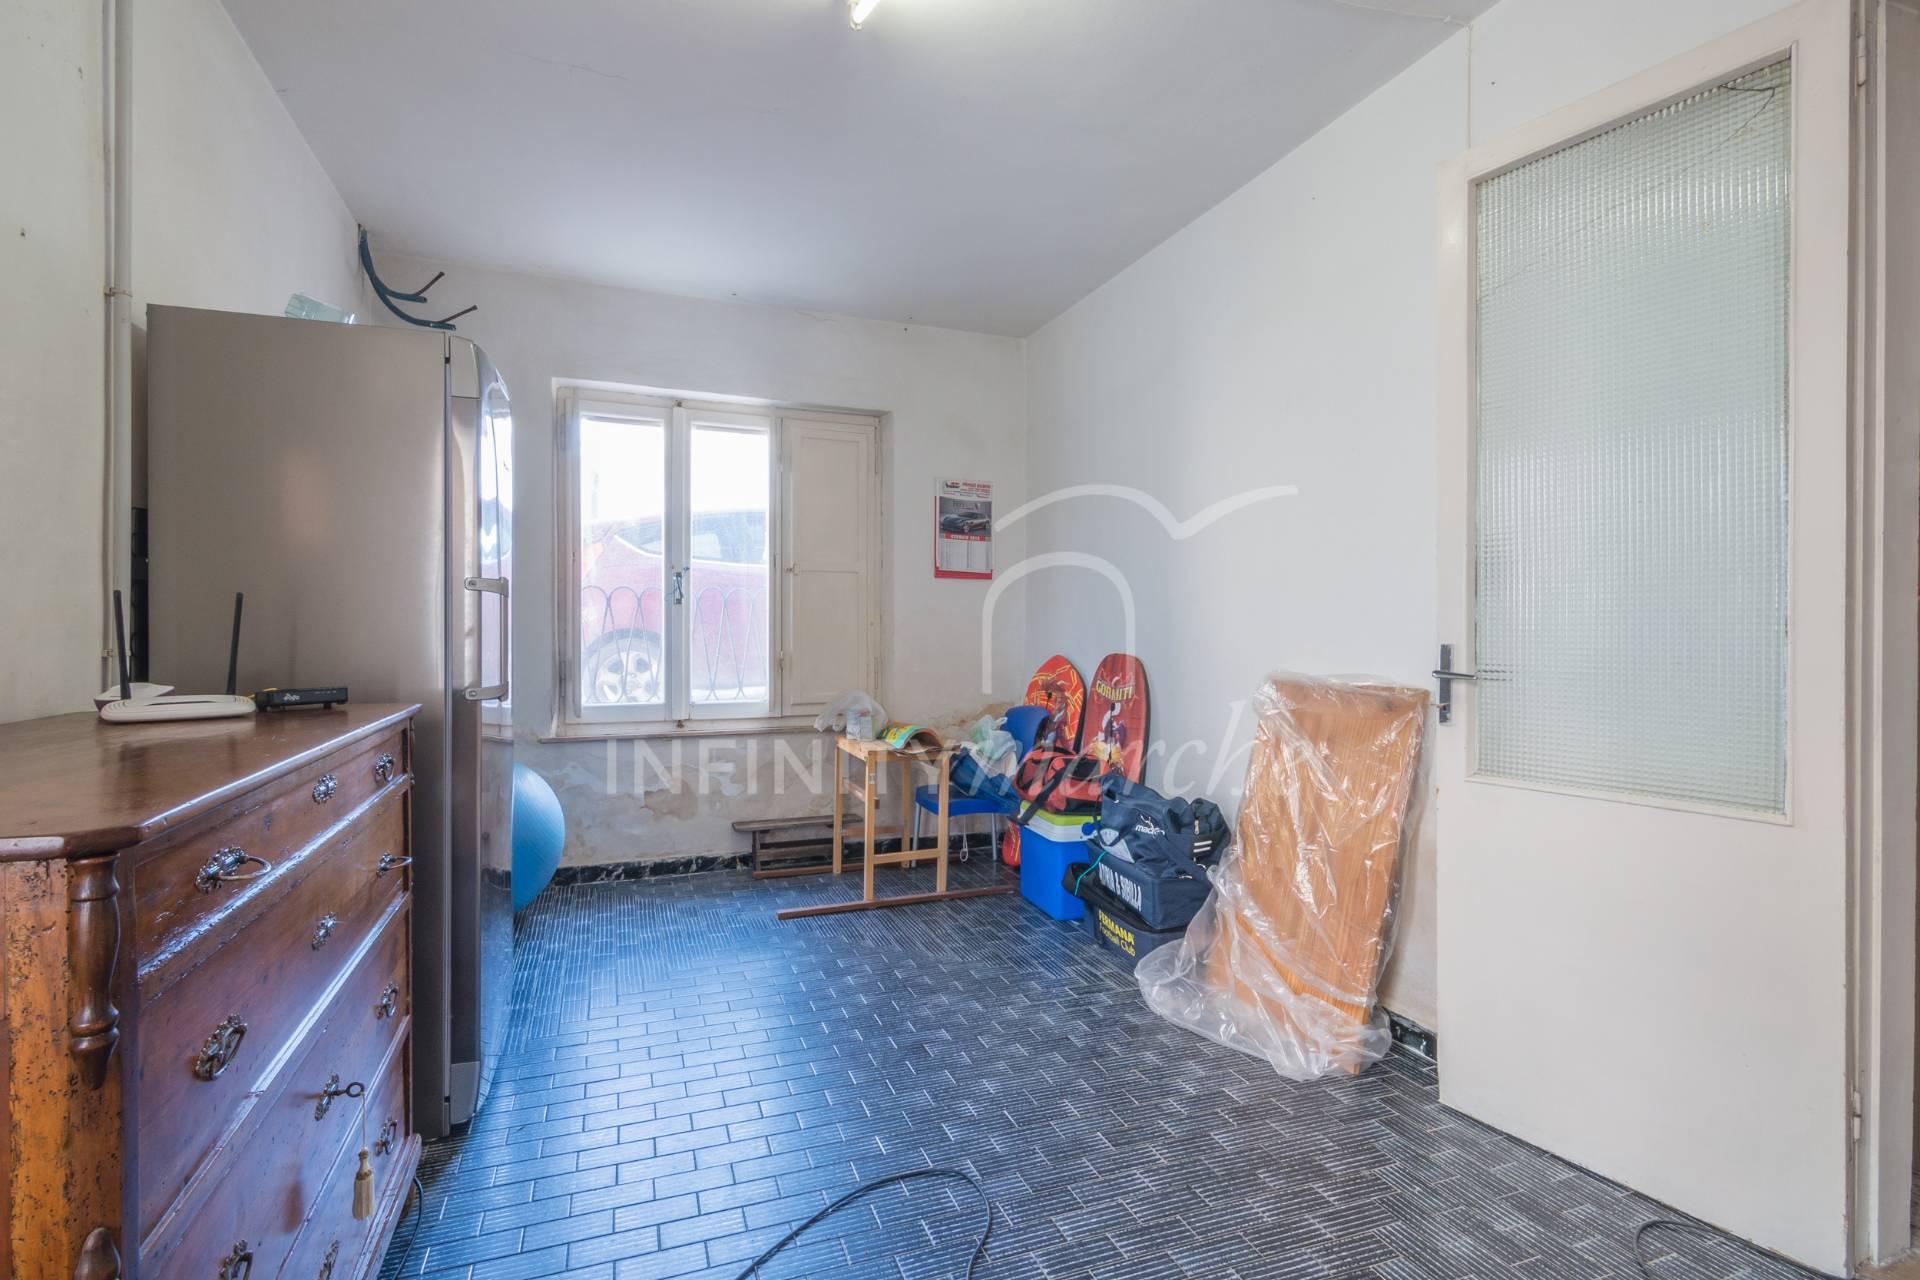 Casa a Ponzano di Fermo (Fermo)